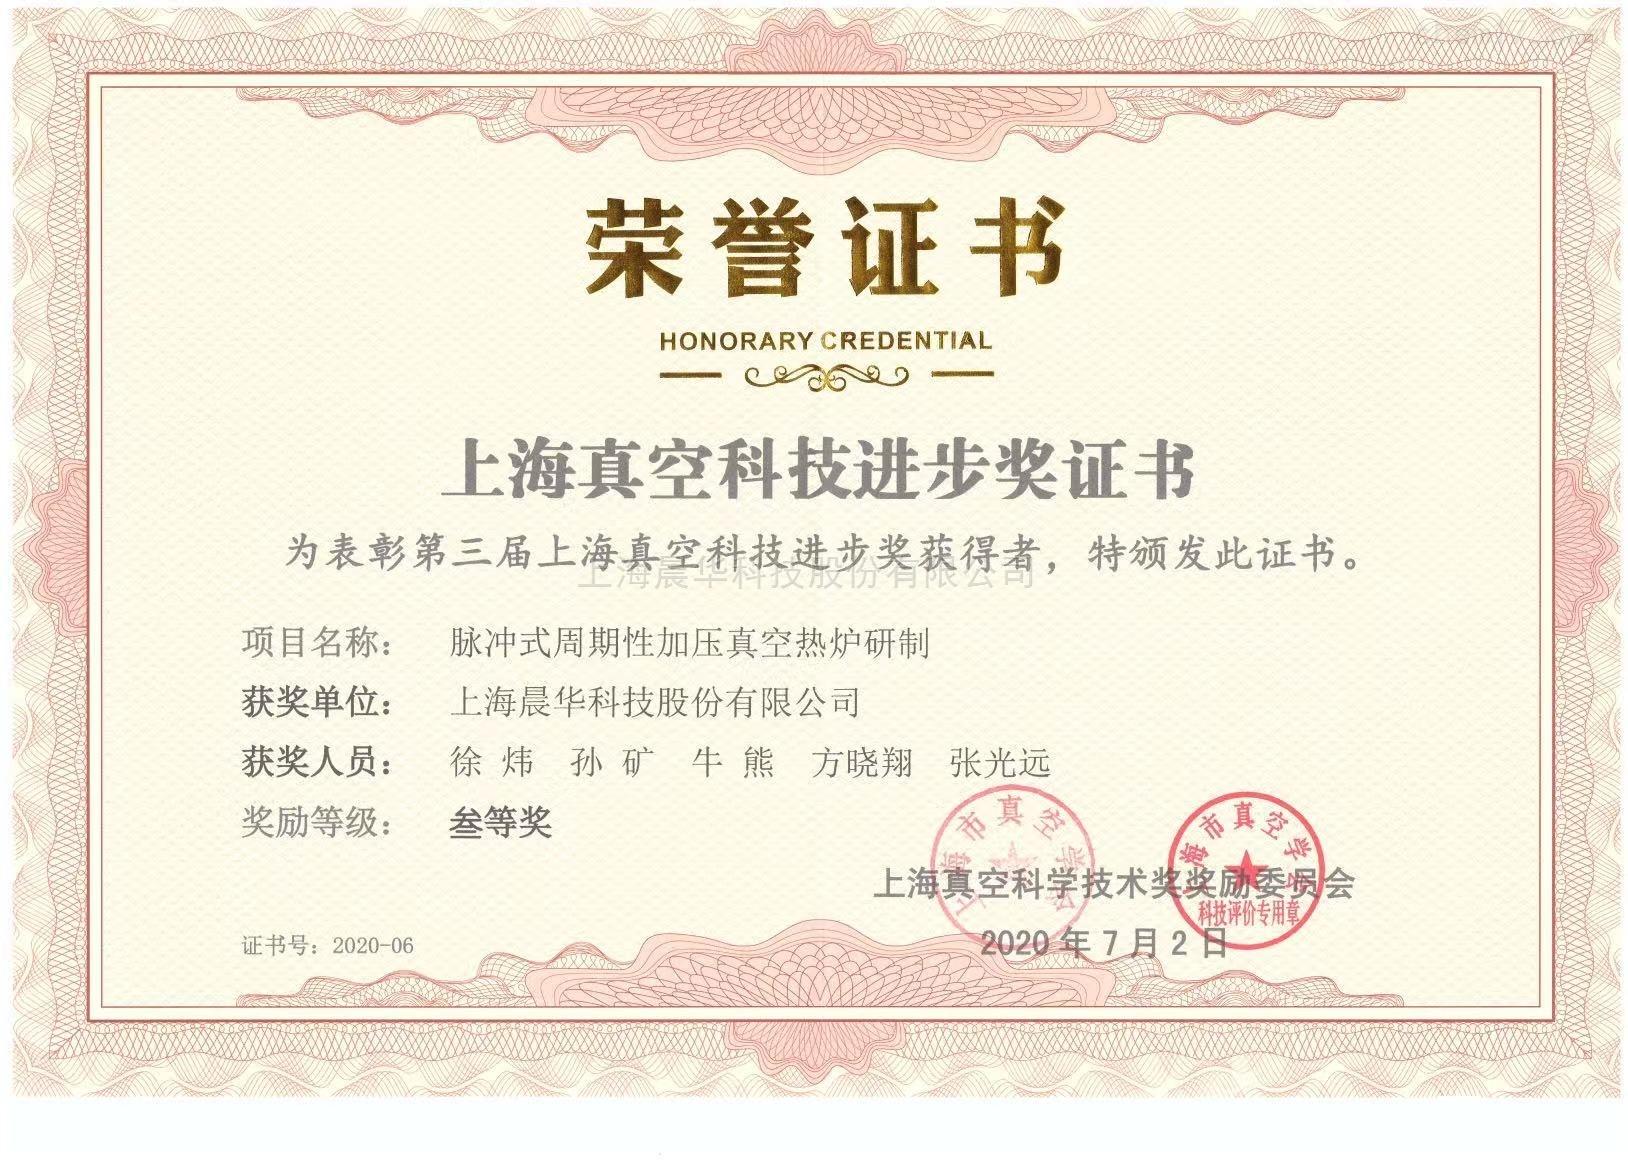 上海真空科技进步奖